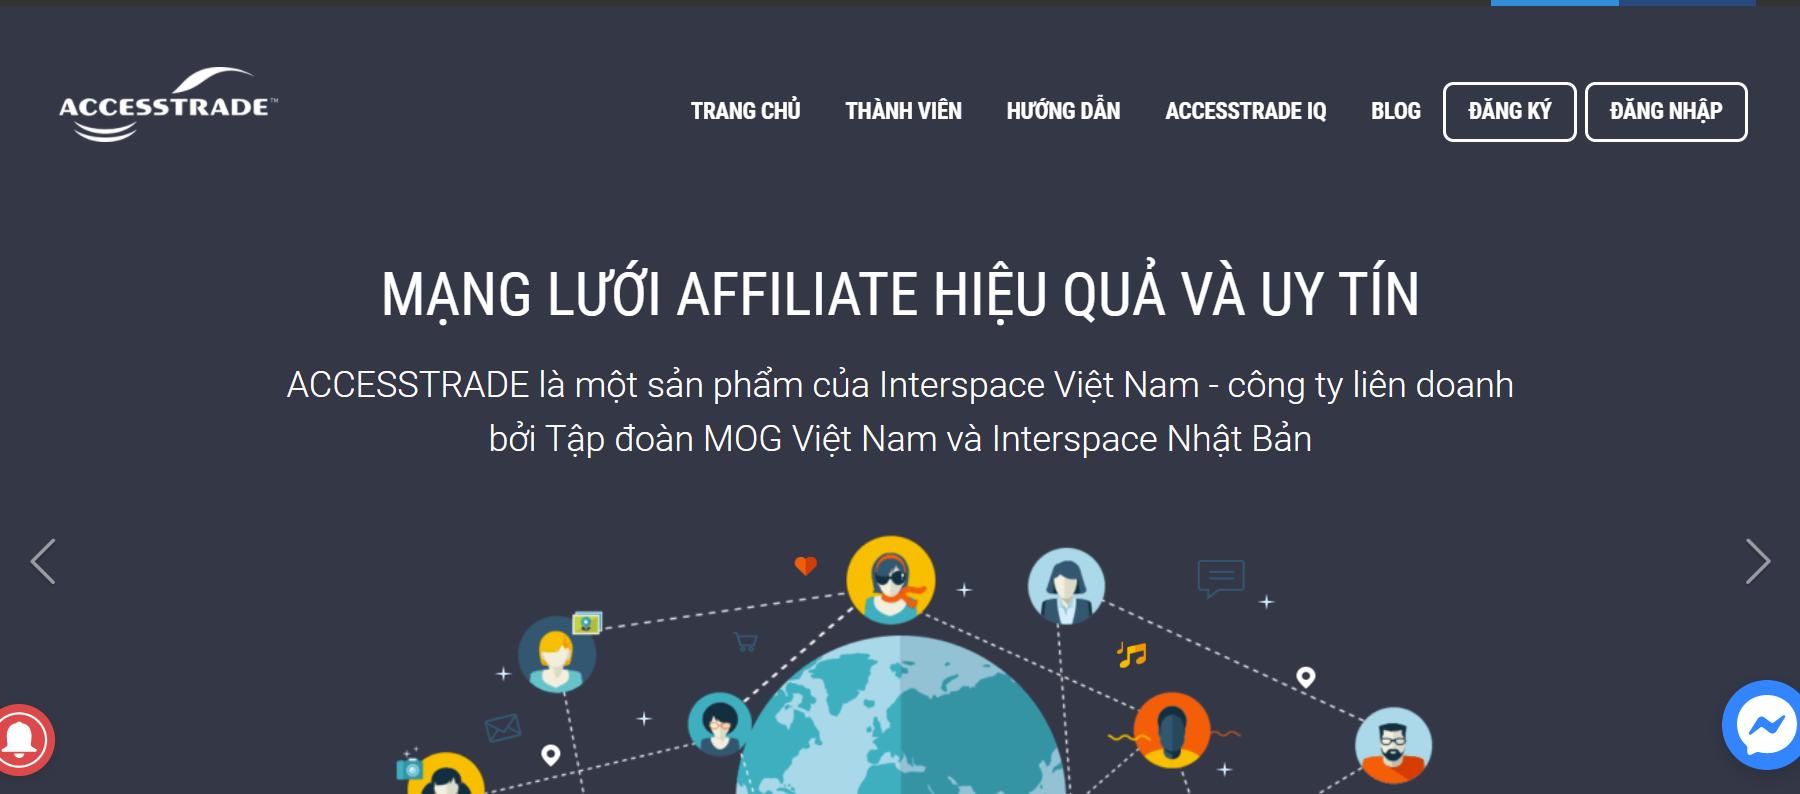 Hướng dẫn đăng ký tài khoản Accesstrade mới nhất 2021